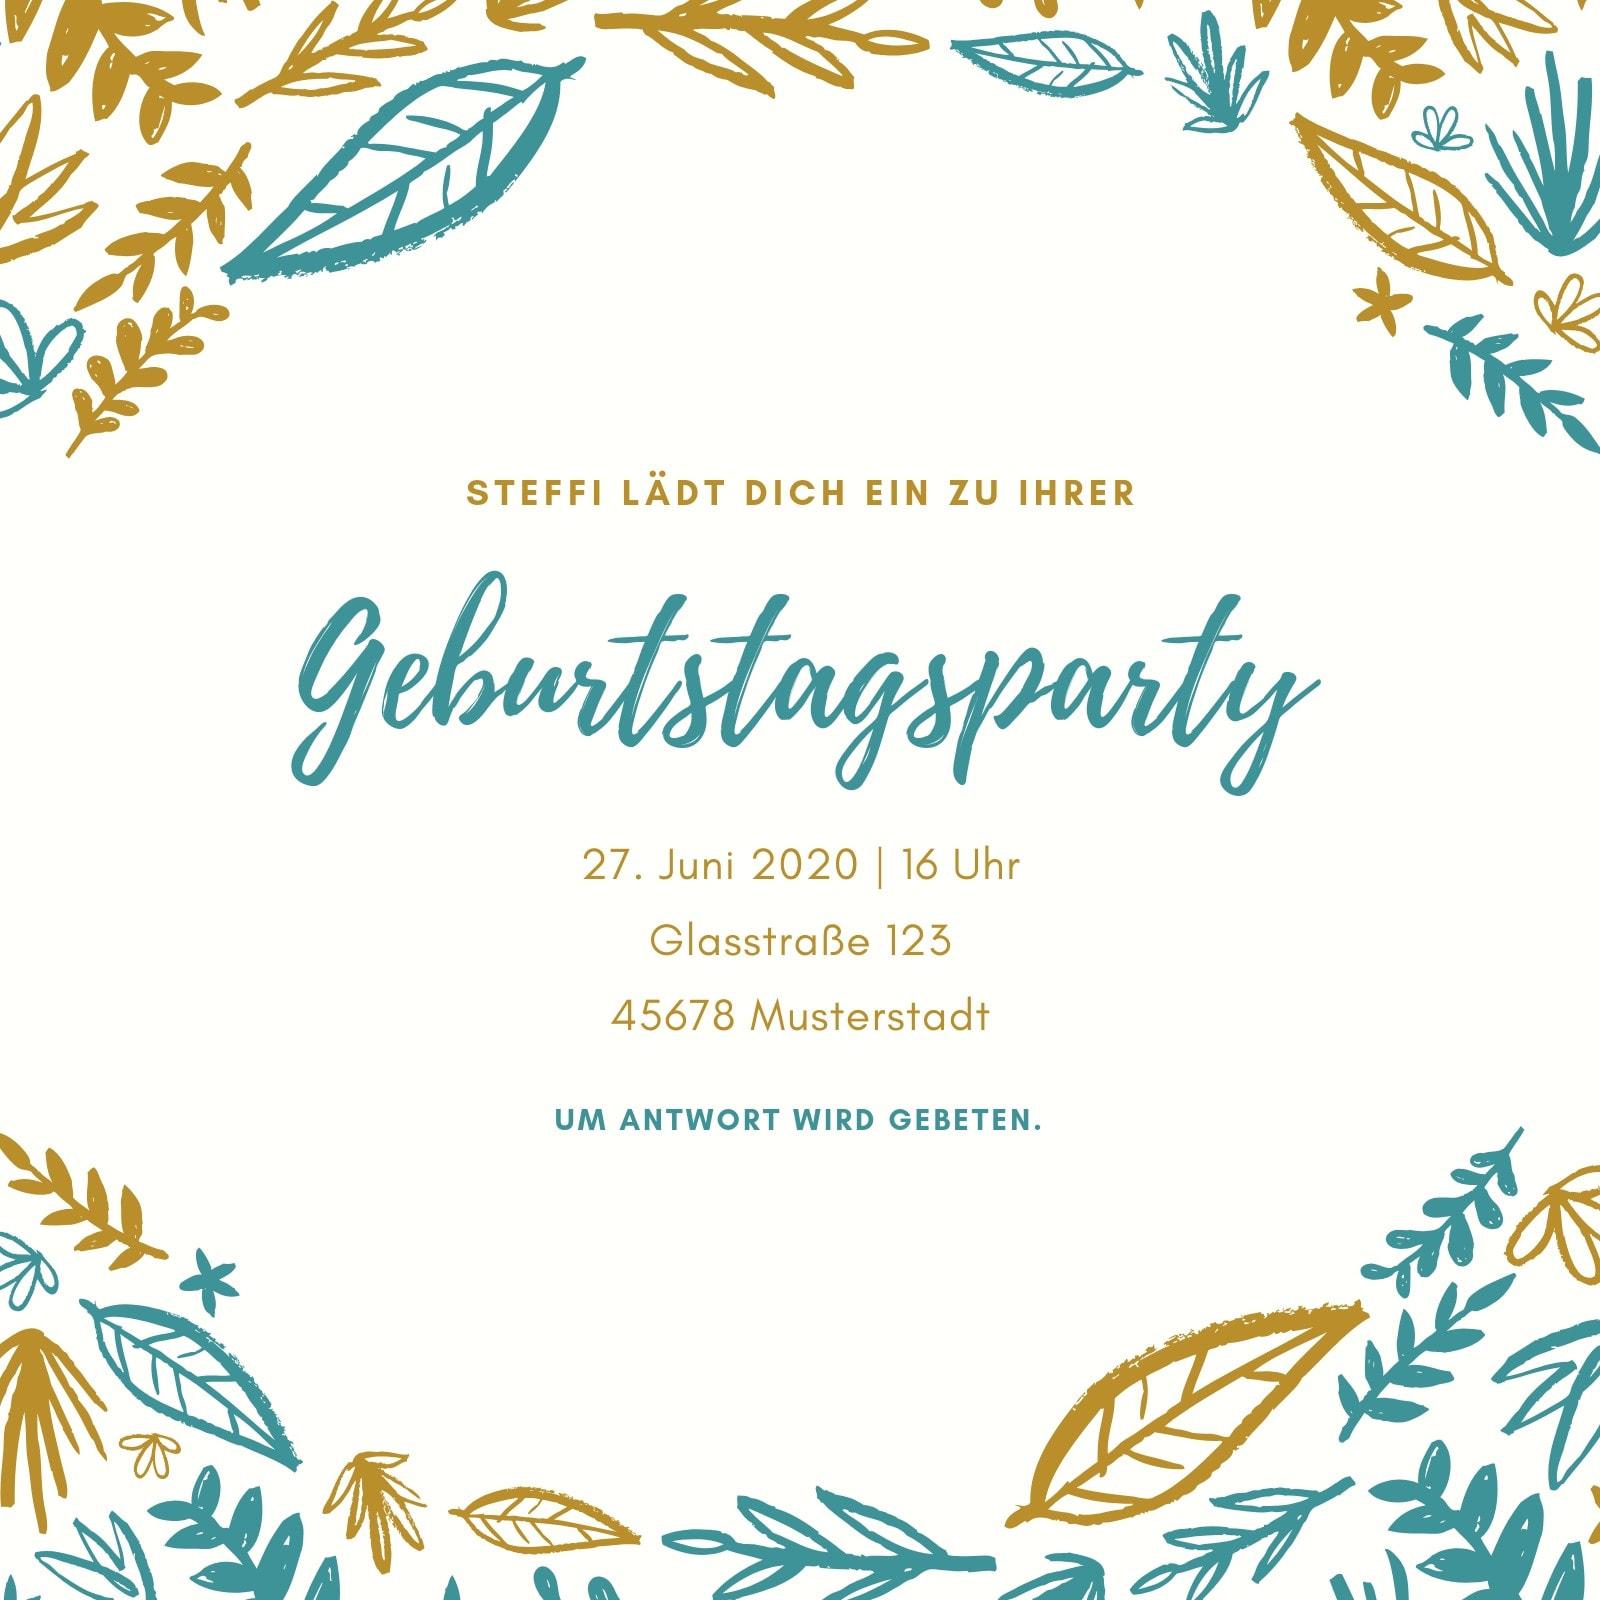 Gold und blaugrün Blätter Geburtstag Einladung